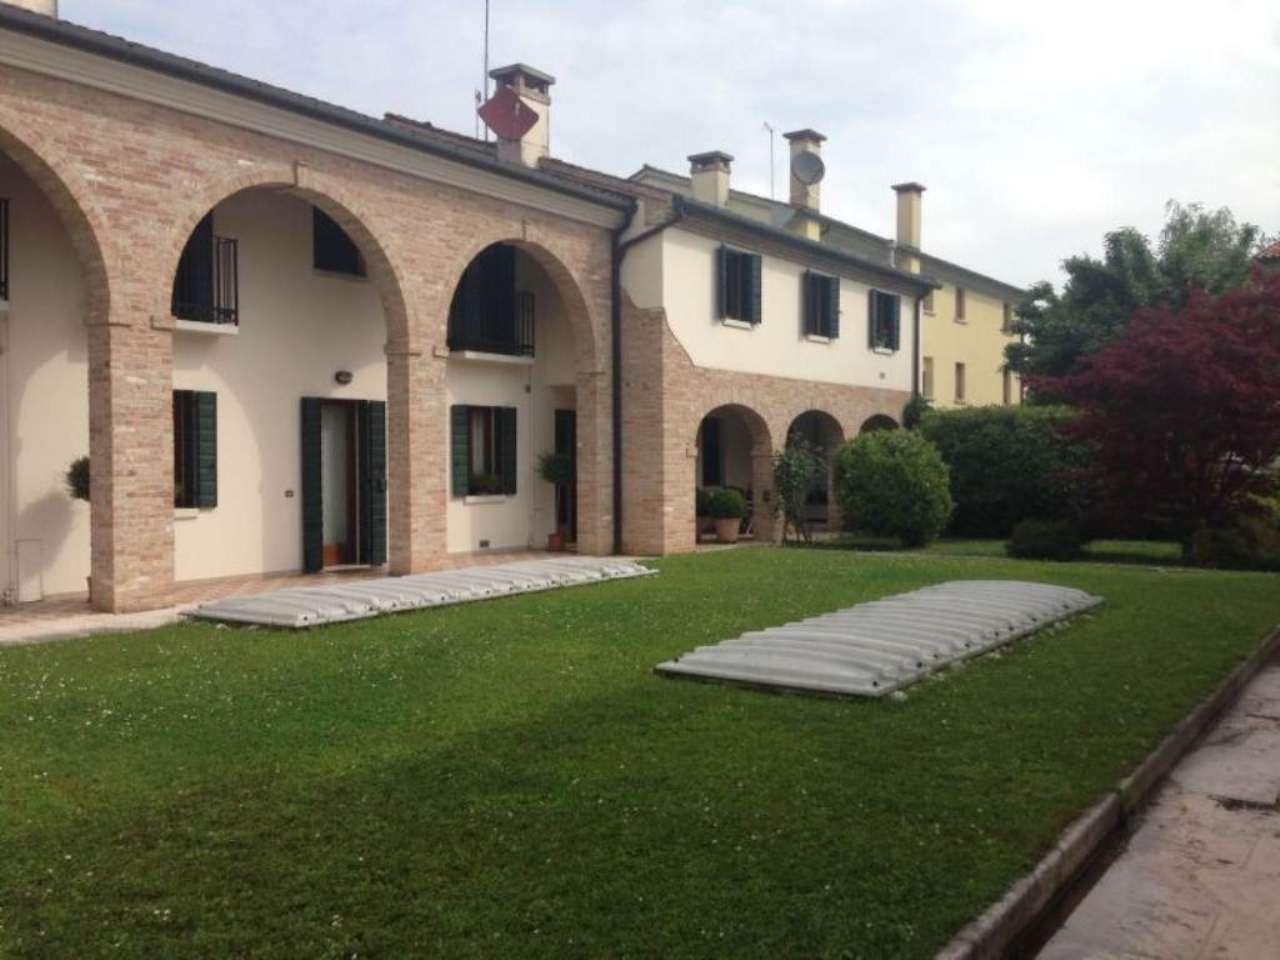 Attico / Mansarda in vendita a Carbonera, 5 locali, prezzo € 188.000 | Cambio Casa.it